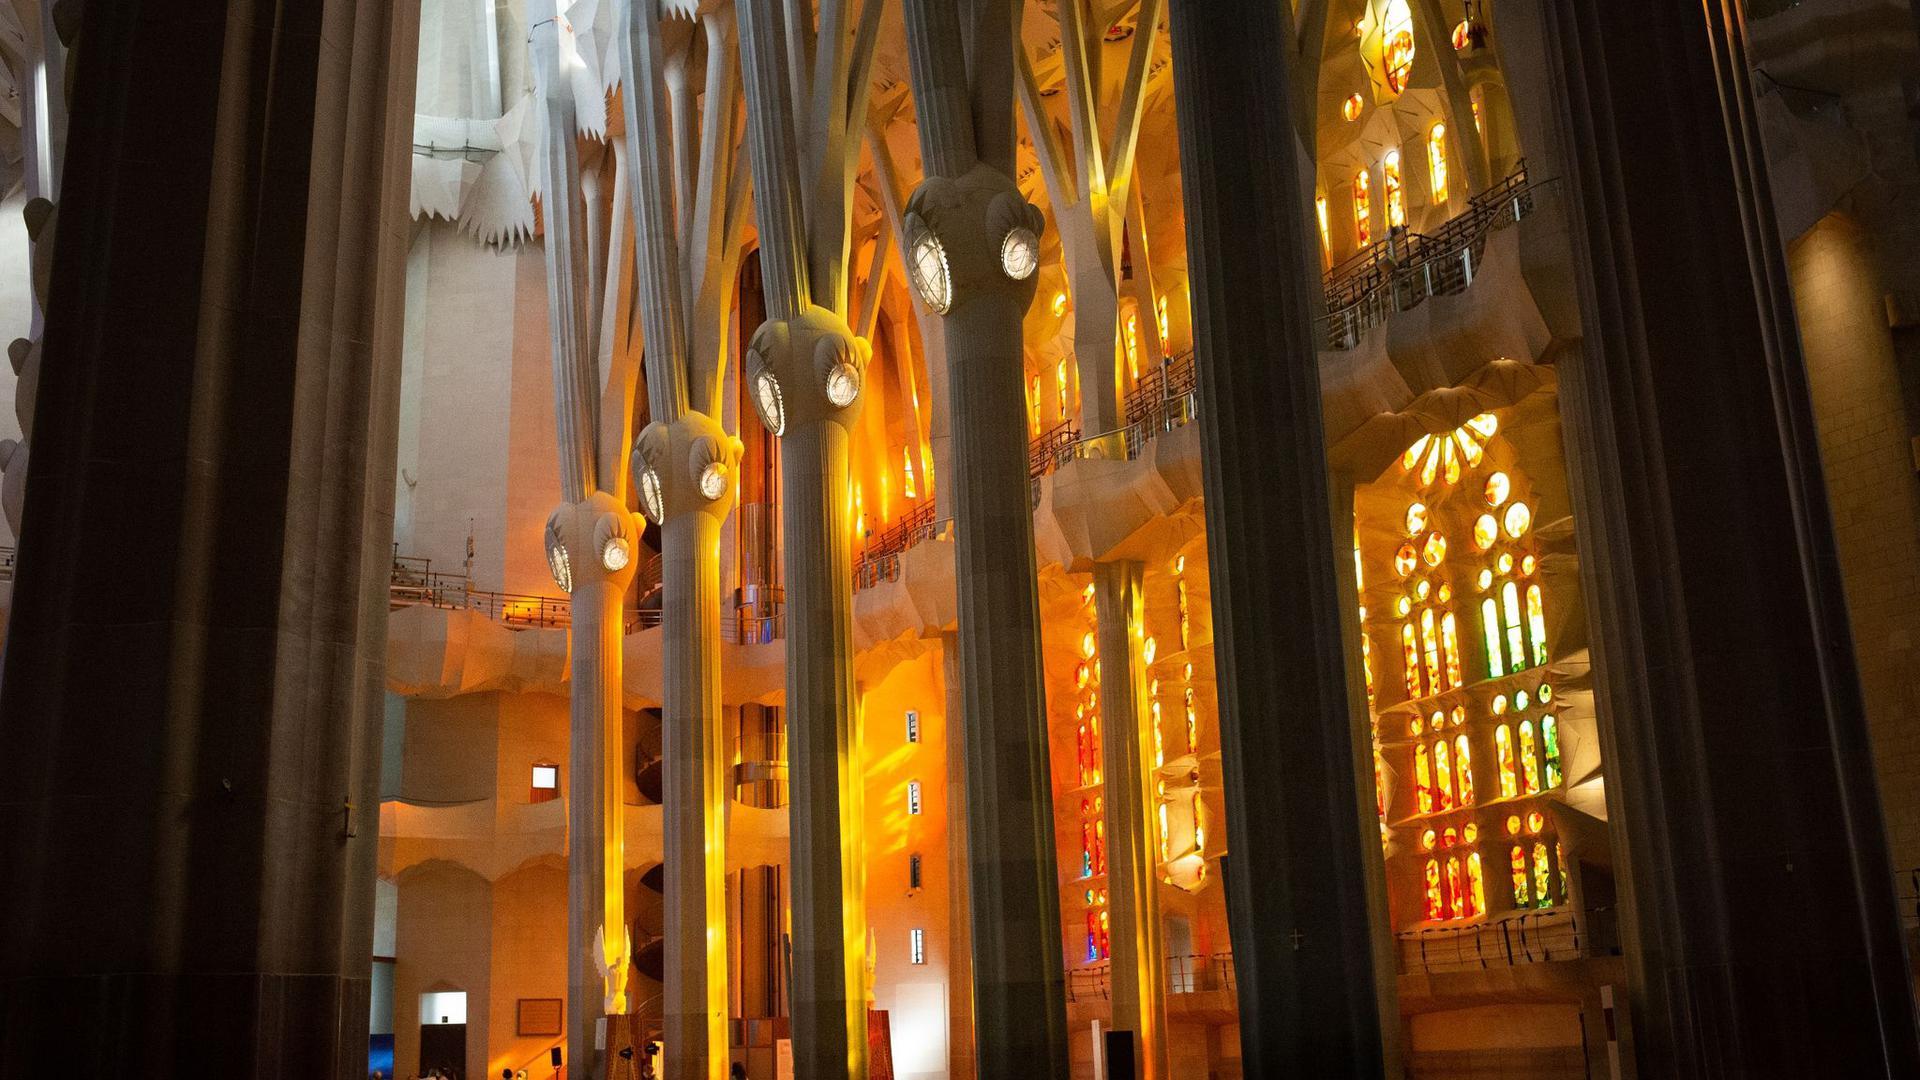 Innenansicht der noch im Bau befindlichen Basilika Sagrada Familia des spanischen Architekten Antoni Gaudi.